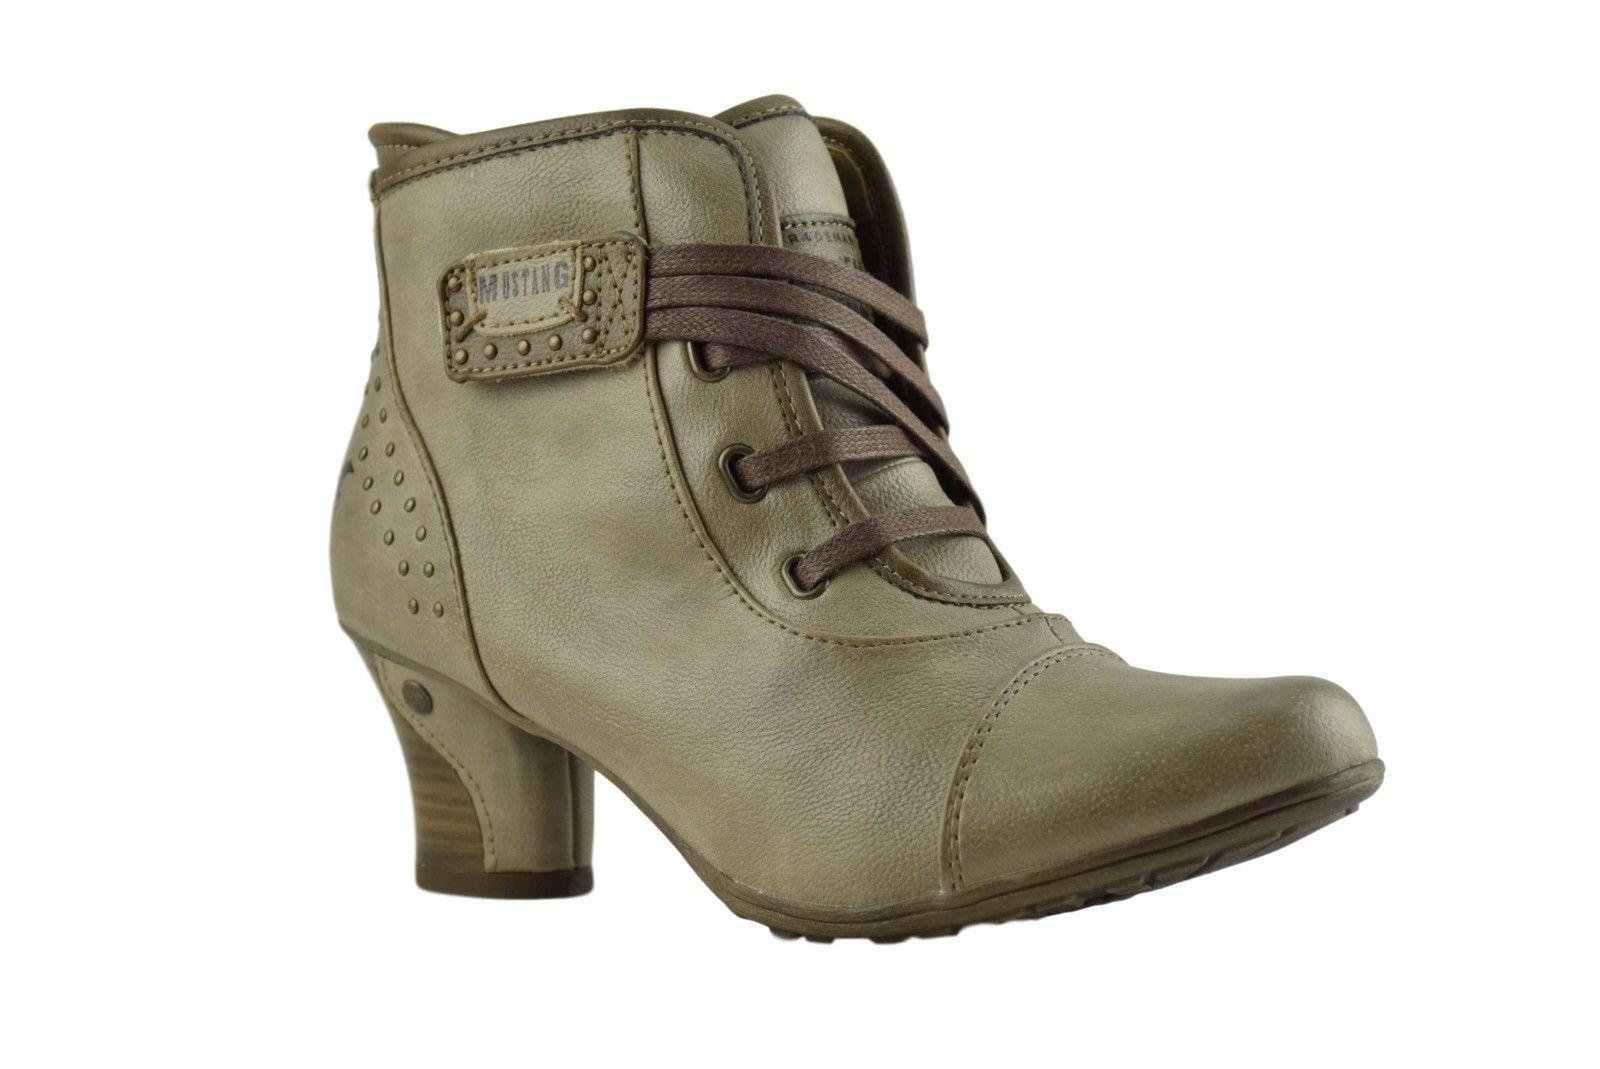 Mustang New Ladies Light Ivory Grey Vegan Leaher Biker Ankle Zip Heel Boots